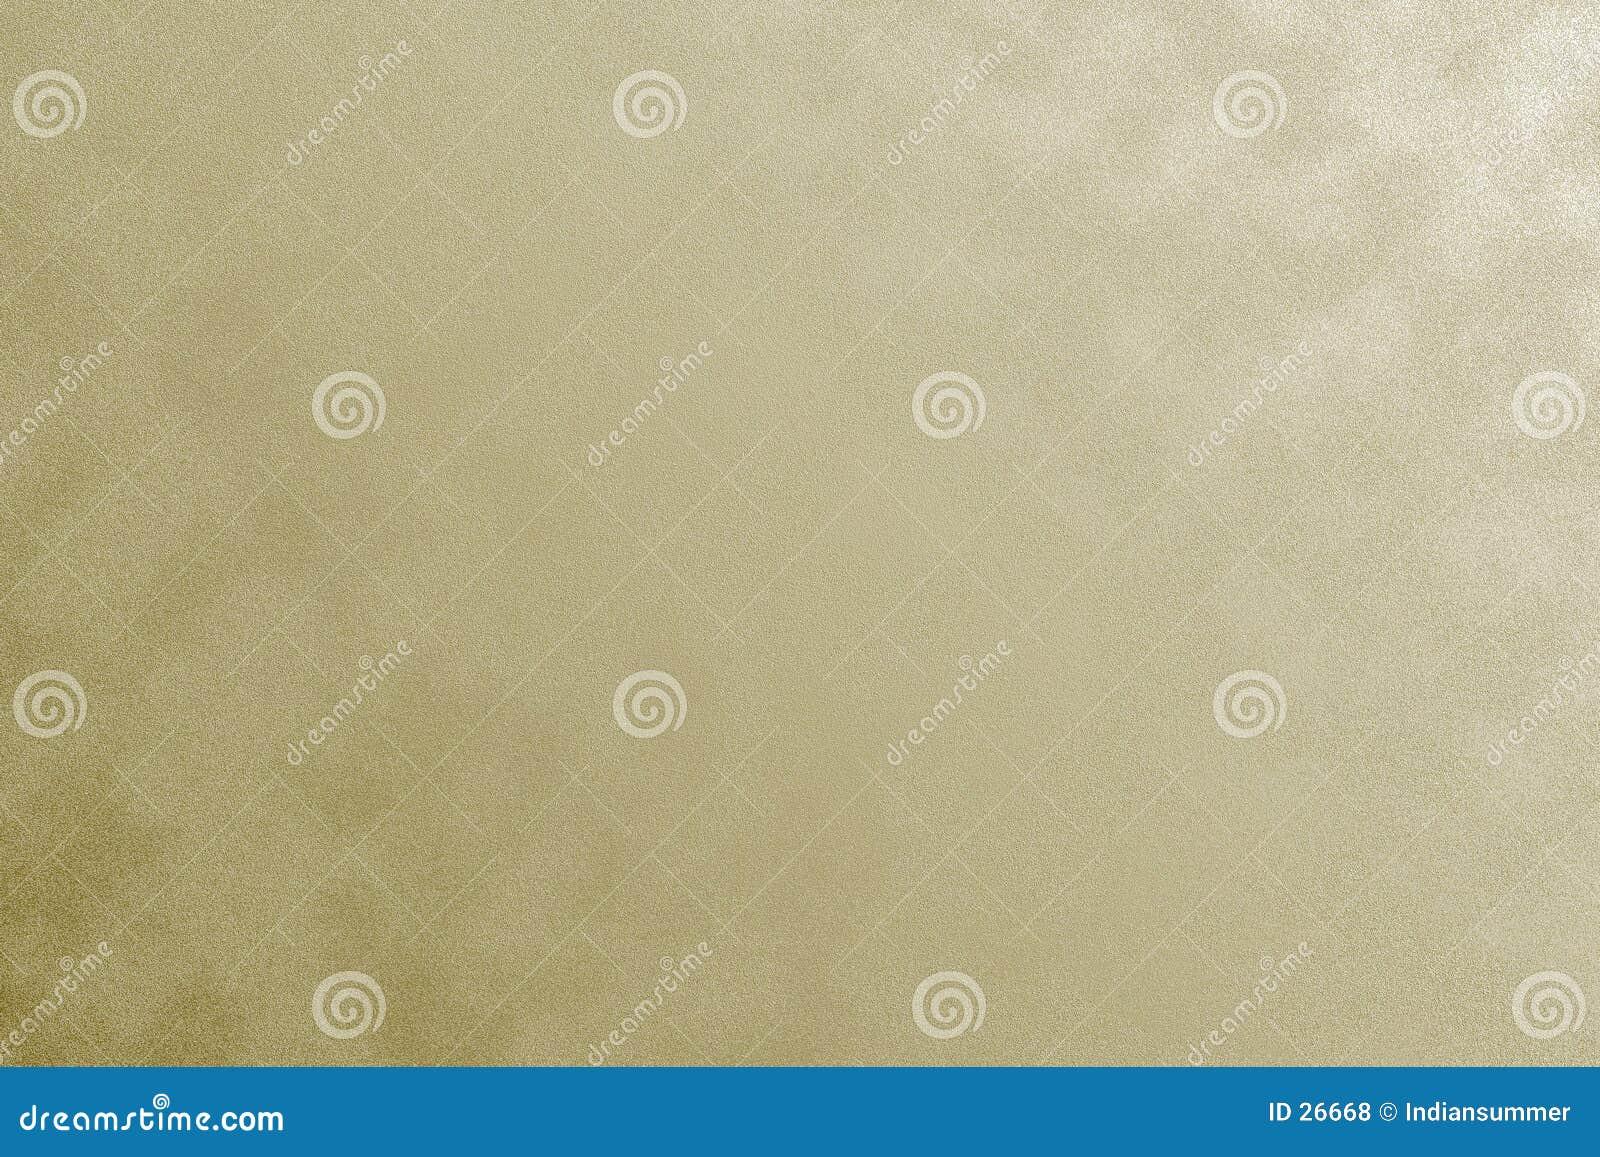 Goldene Beschaffenheit - spritzt